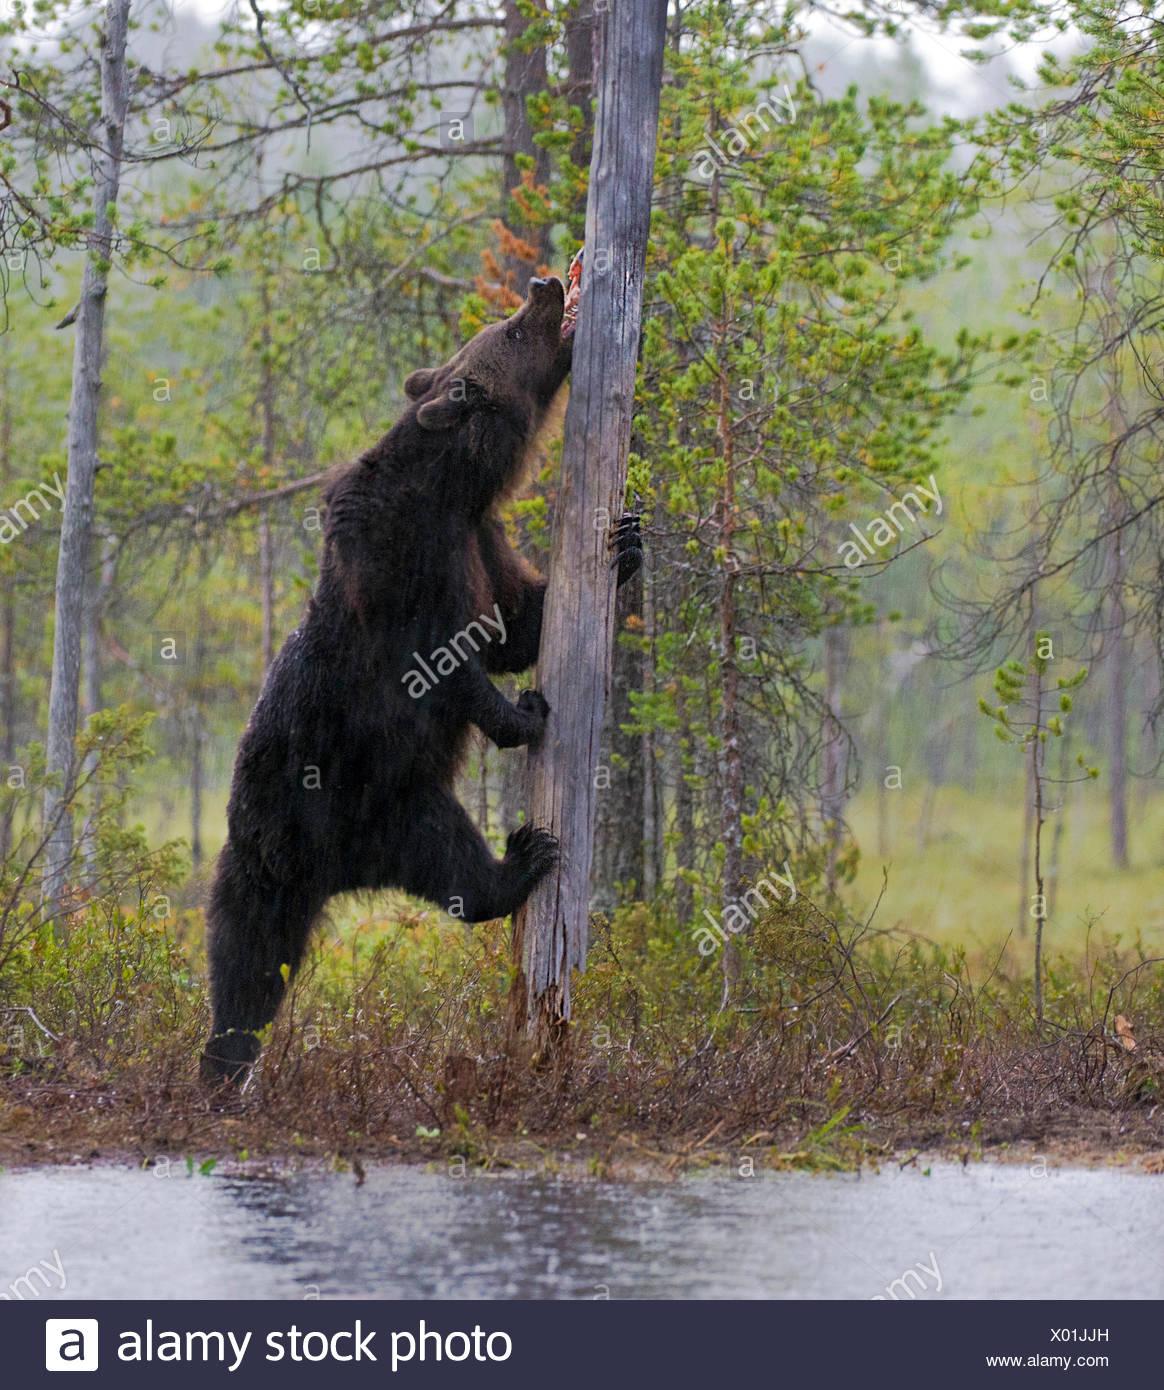 Europaeischer Braunbaer, Braunbaer, Braun-Baer (Ursus arctos arctos), frisst Lachs an einem See in Finnland, Norwegen | European - Stock Image